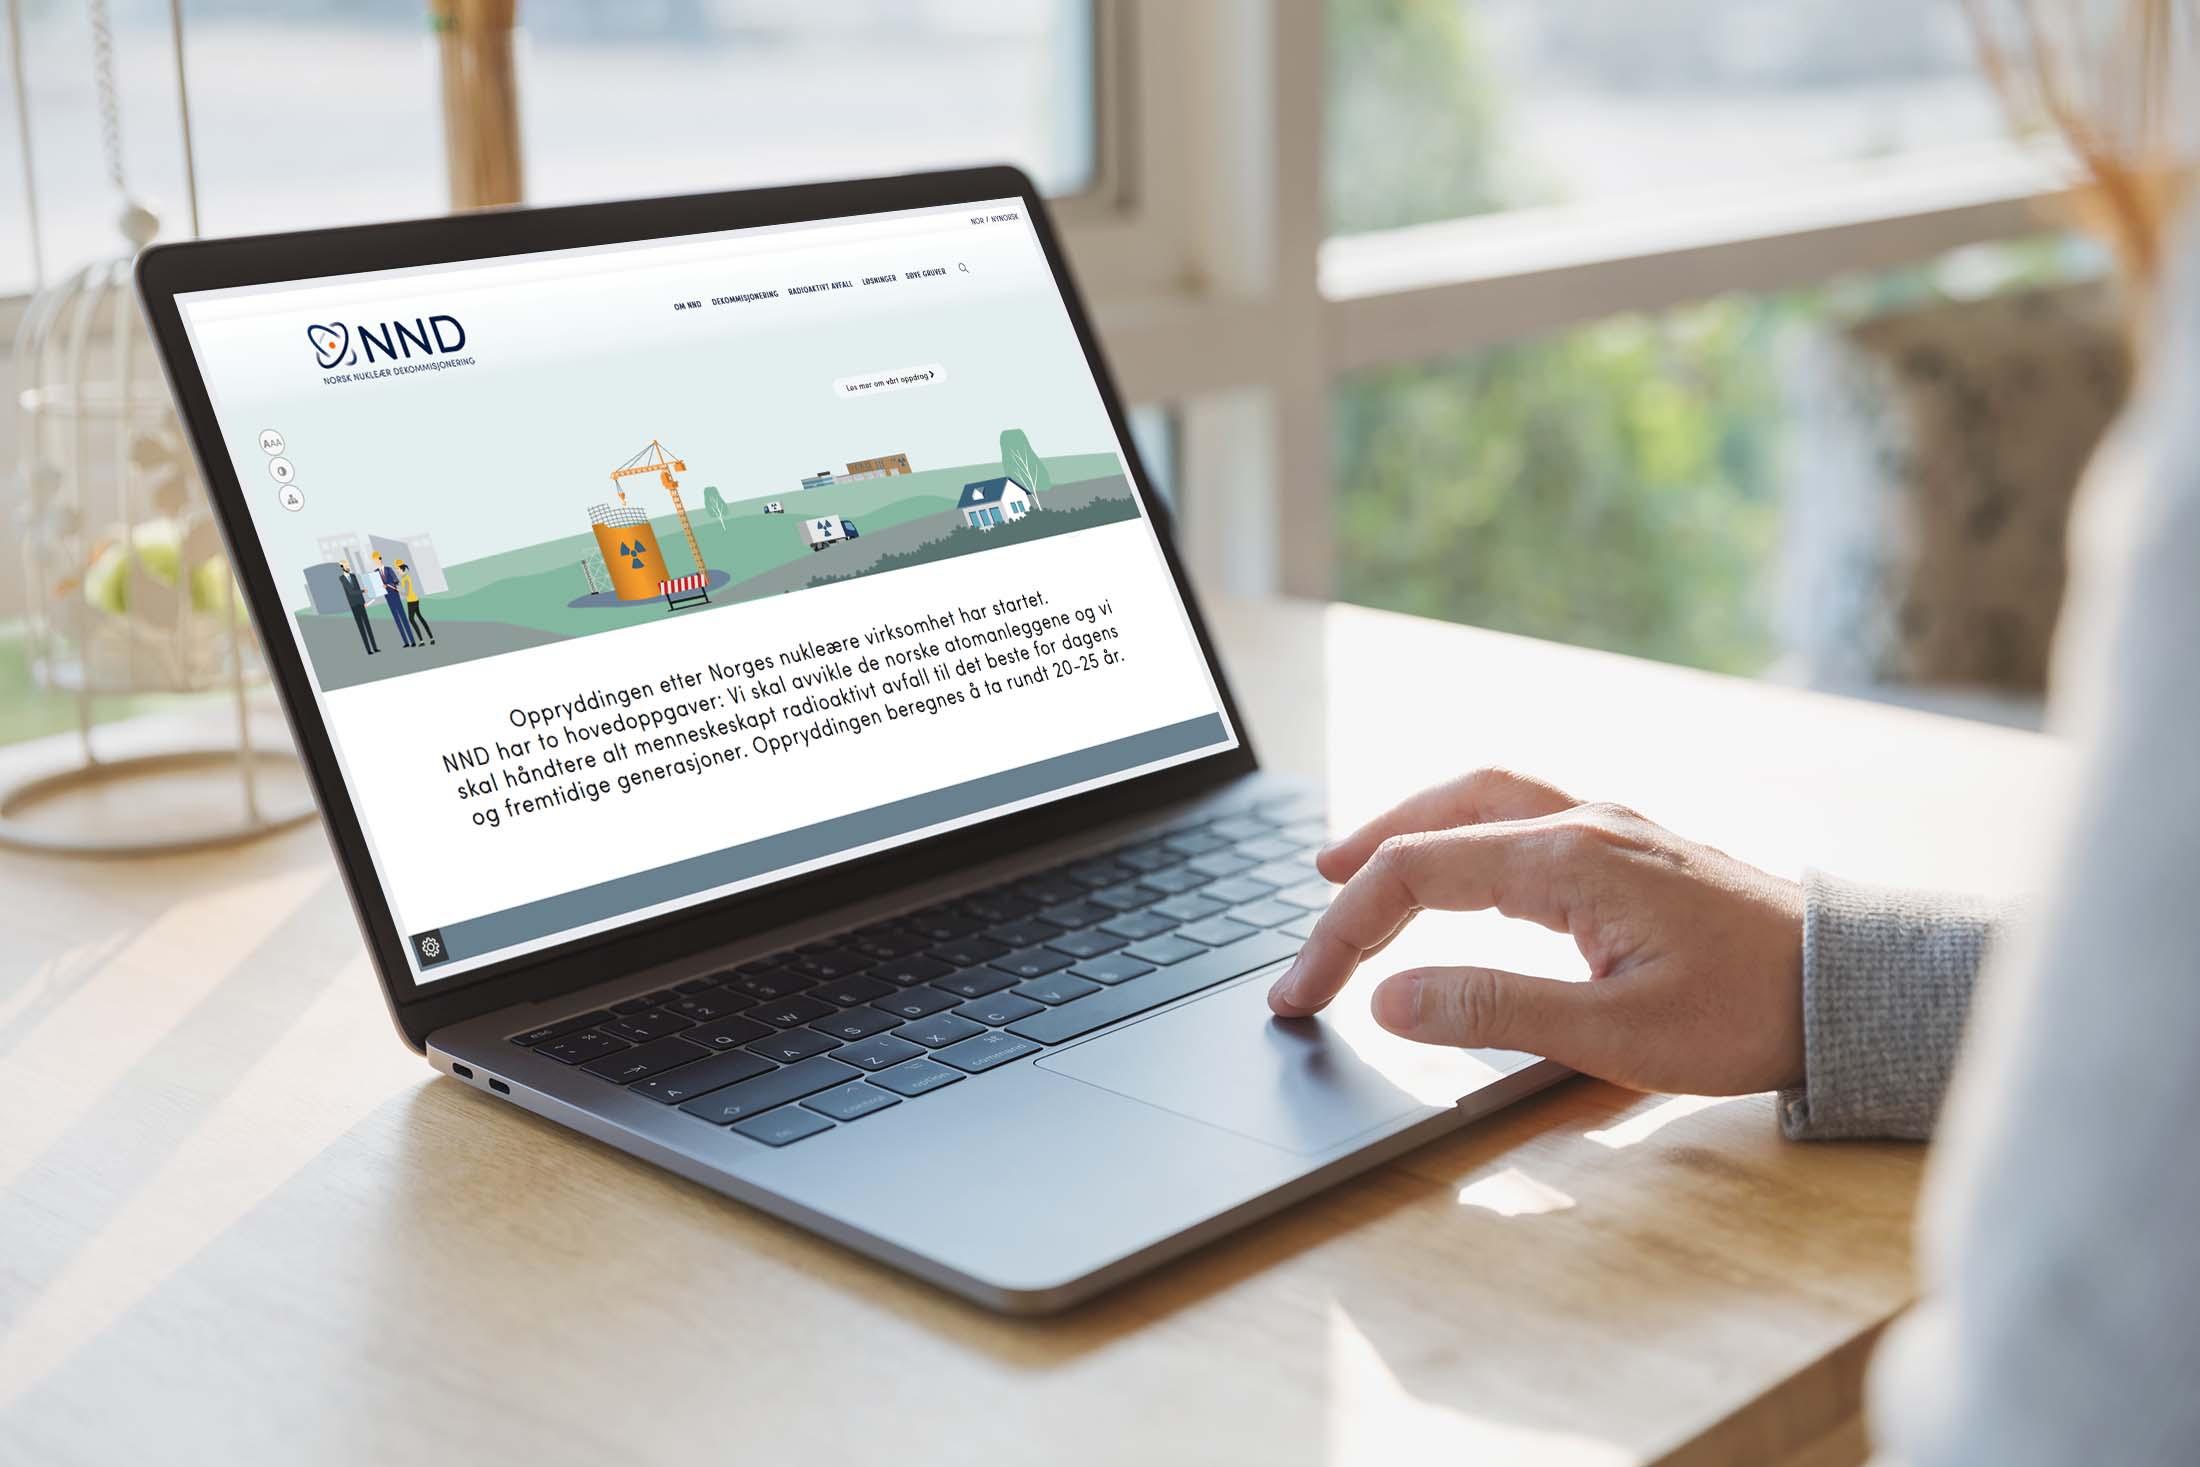 Norsk nukleær dekommisjonering (NND) nettside redesign